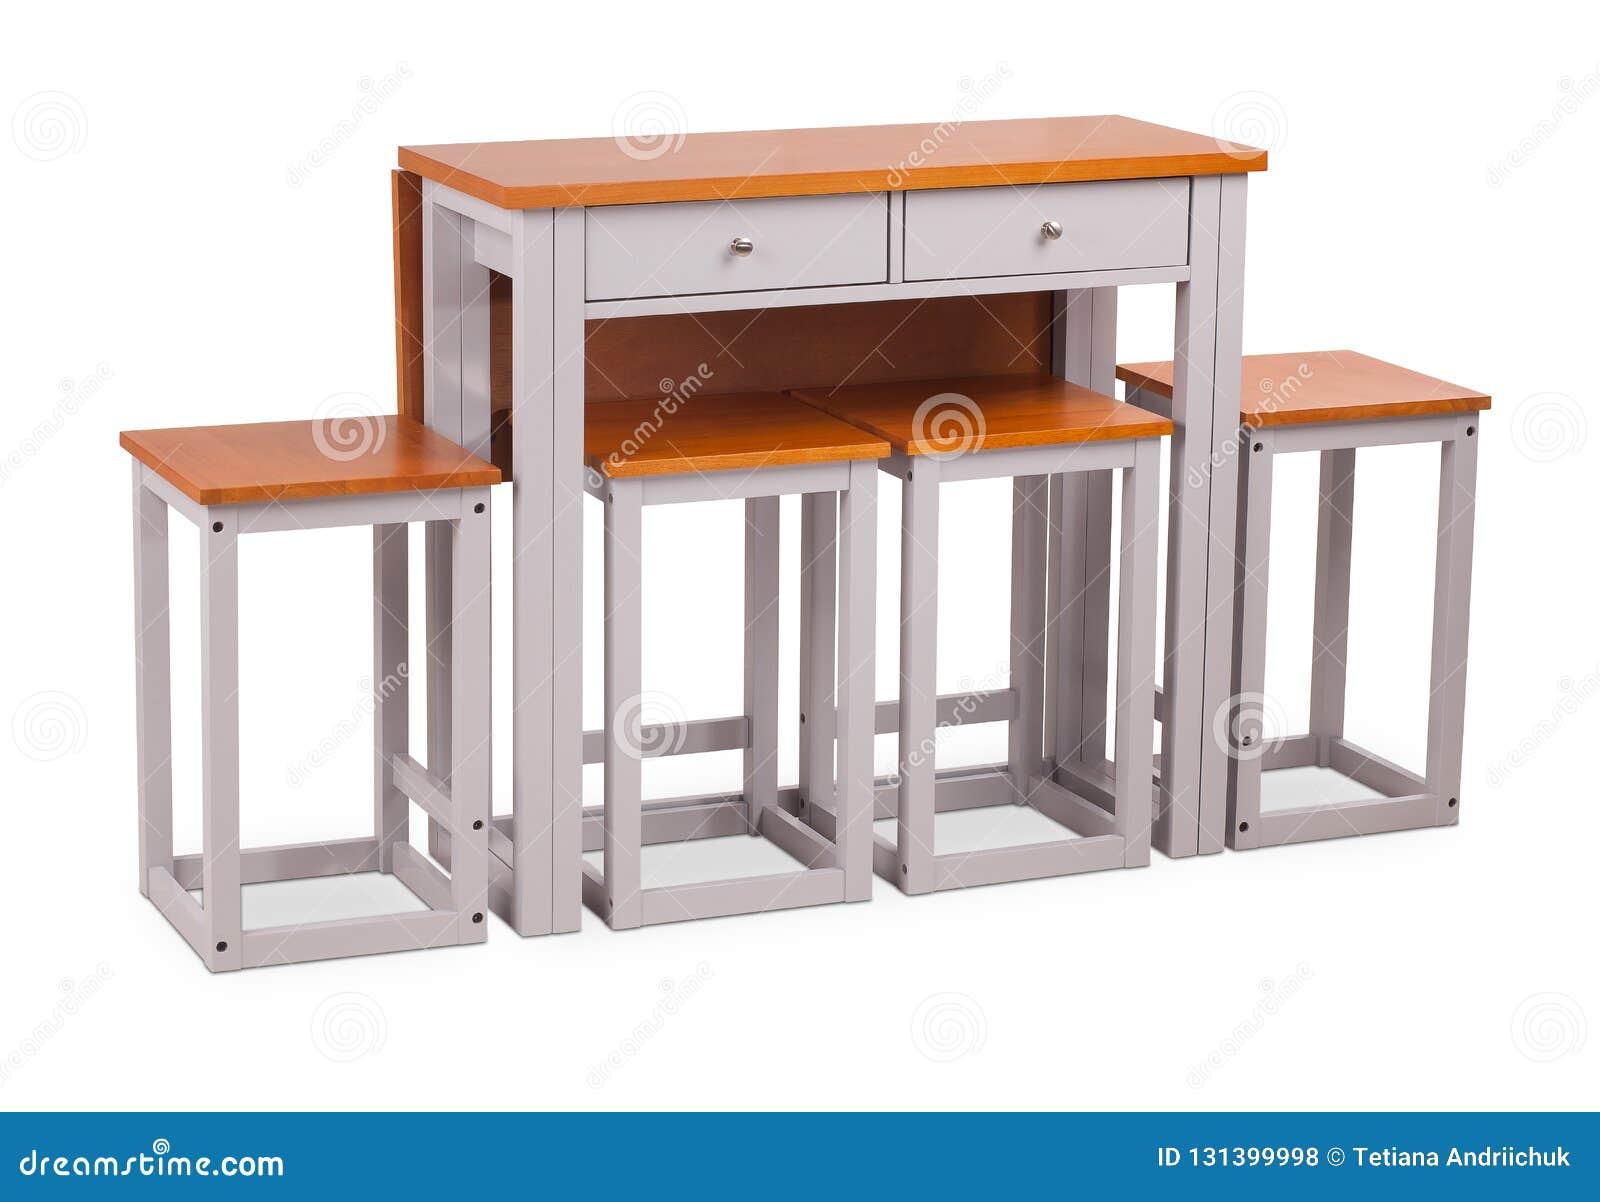 Moderne Witte Eettafel.Bruine Houten Vierkante Eettafel Met Vier Stoelen Kruk